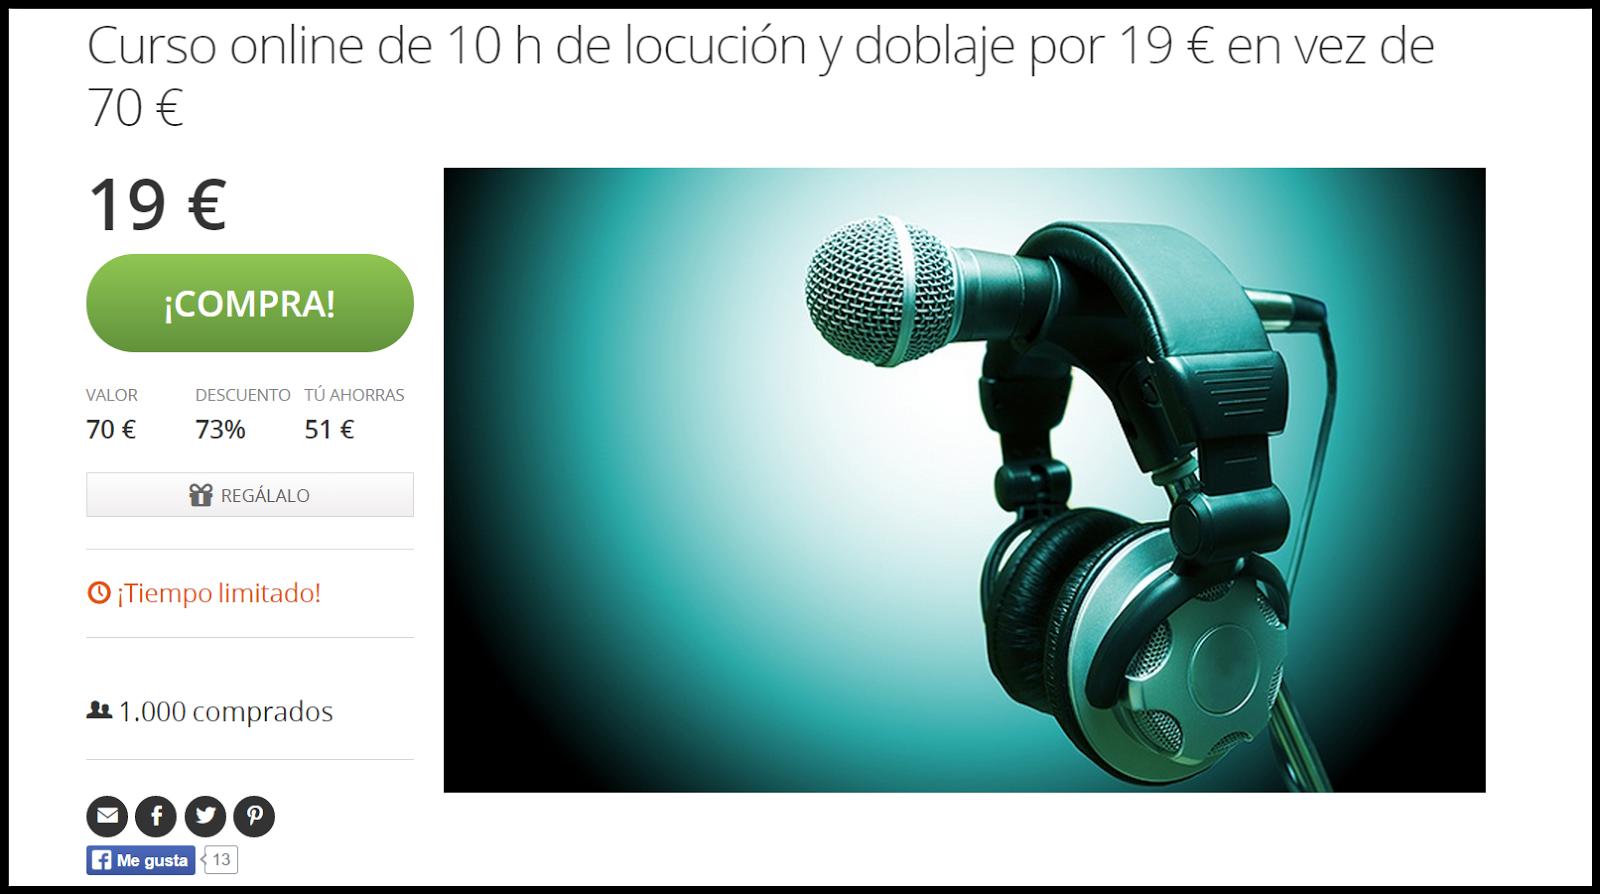 Curso online de locución y doblaje 19 euros